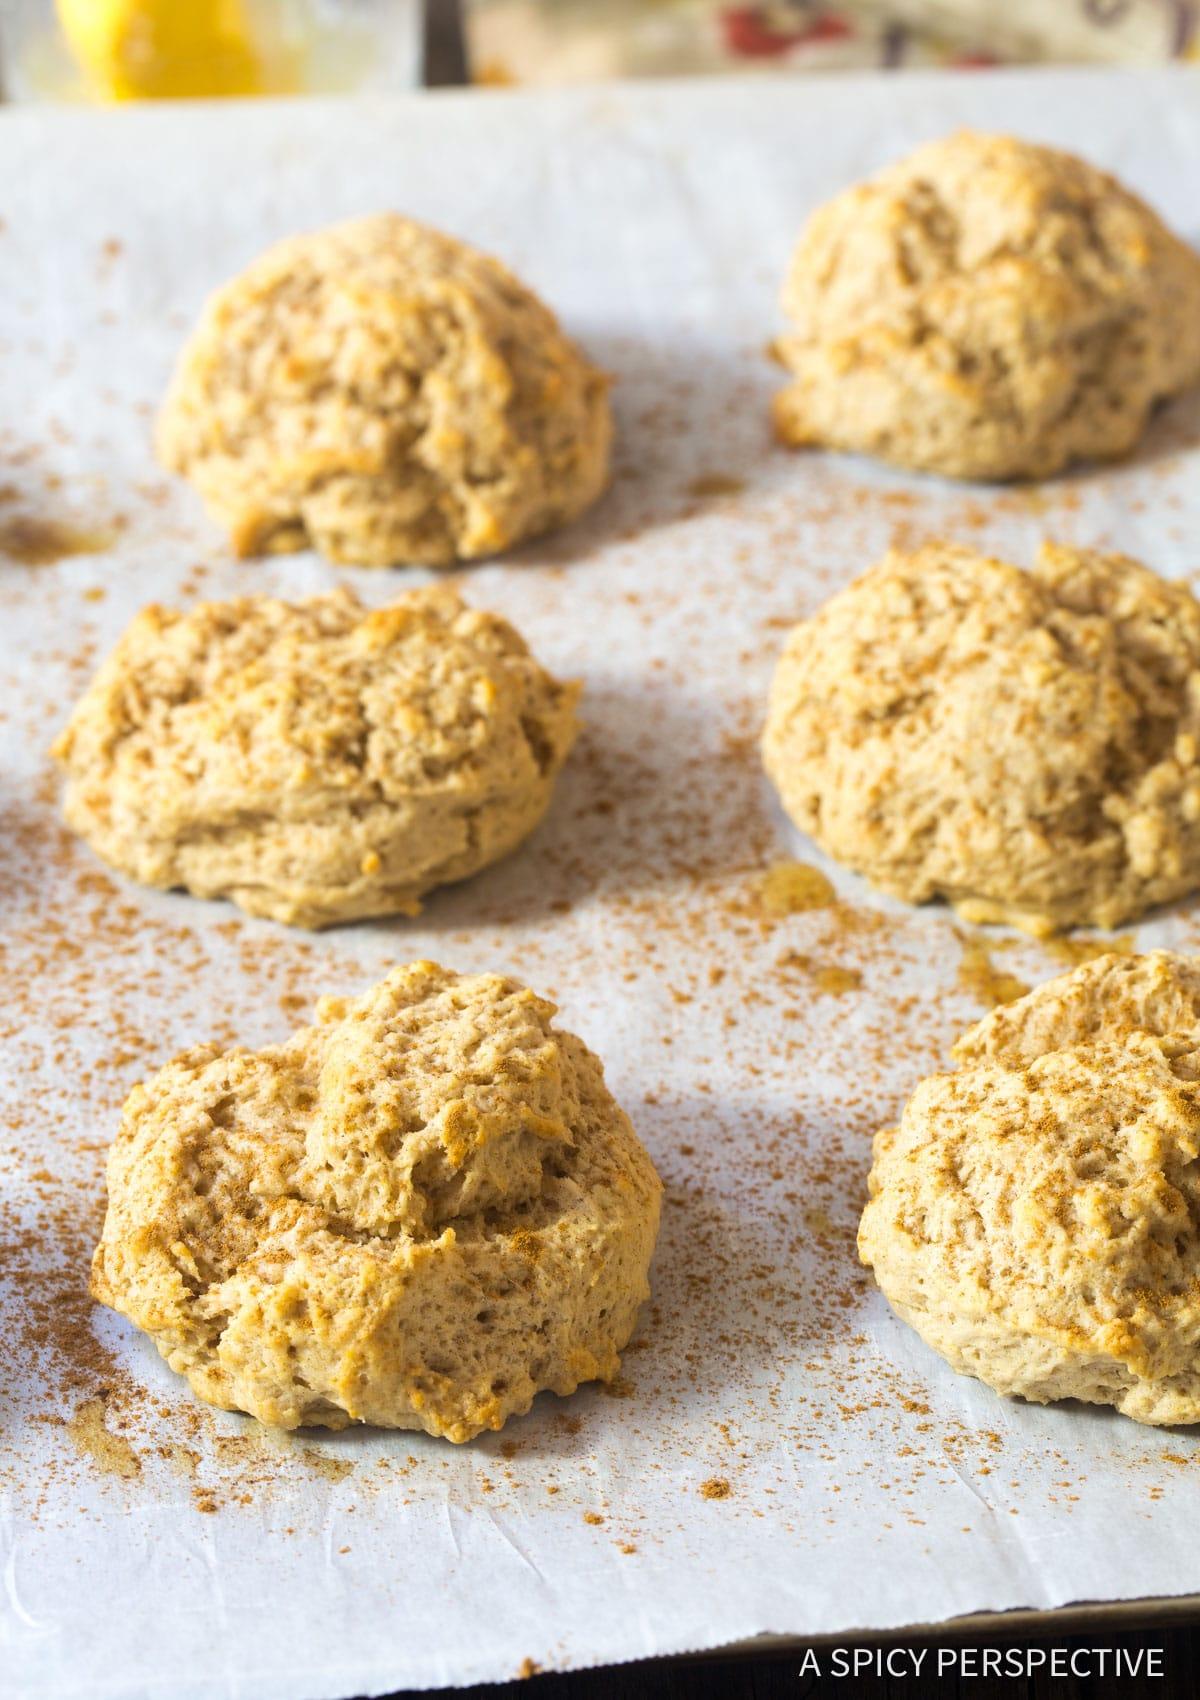 Hot Easy Cinnamon Drop Biscuits Recipe #ASpicyPerspective